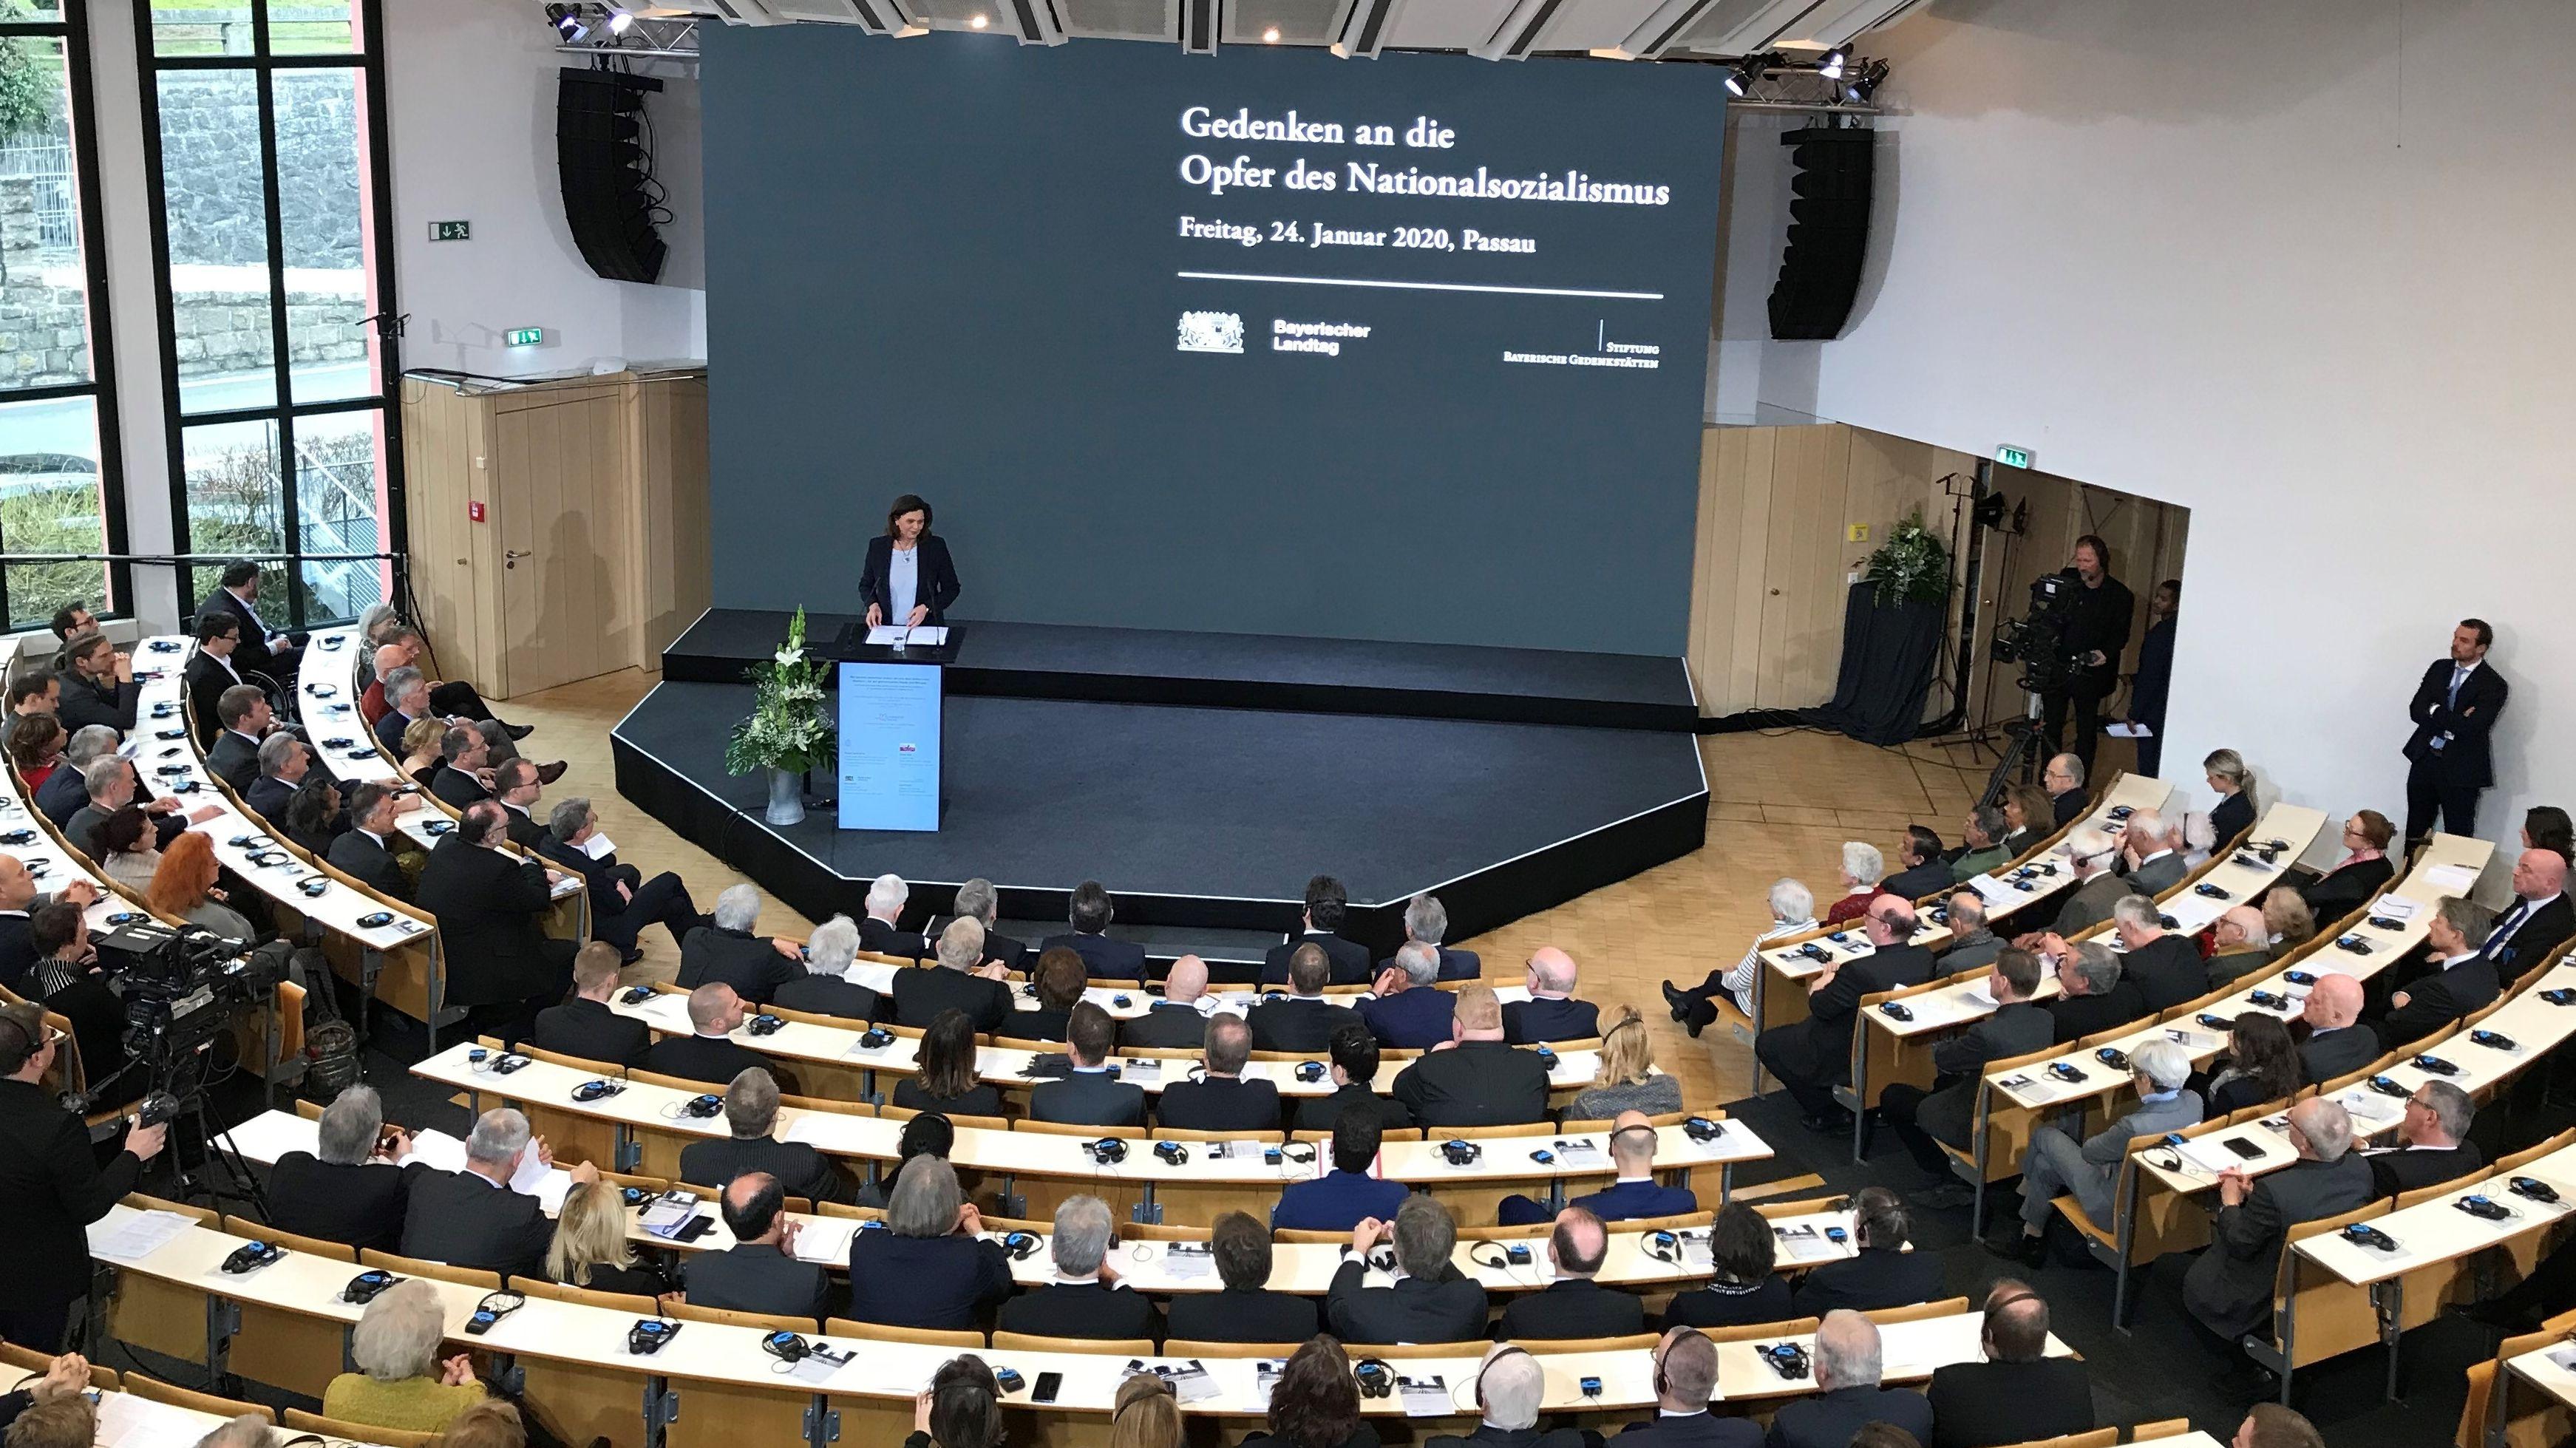 Ilse Aigner spricht im Audimax der Universität Passau